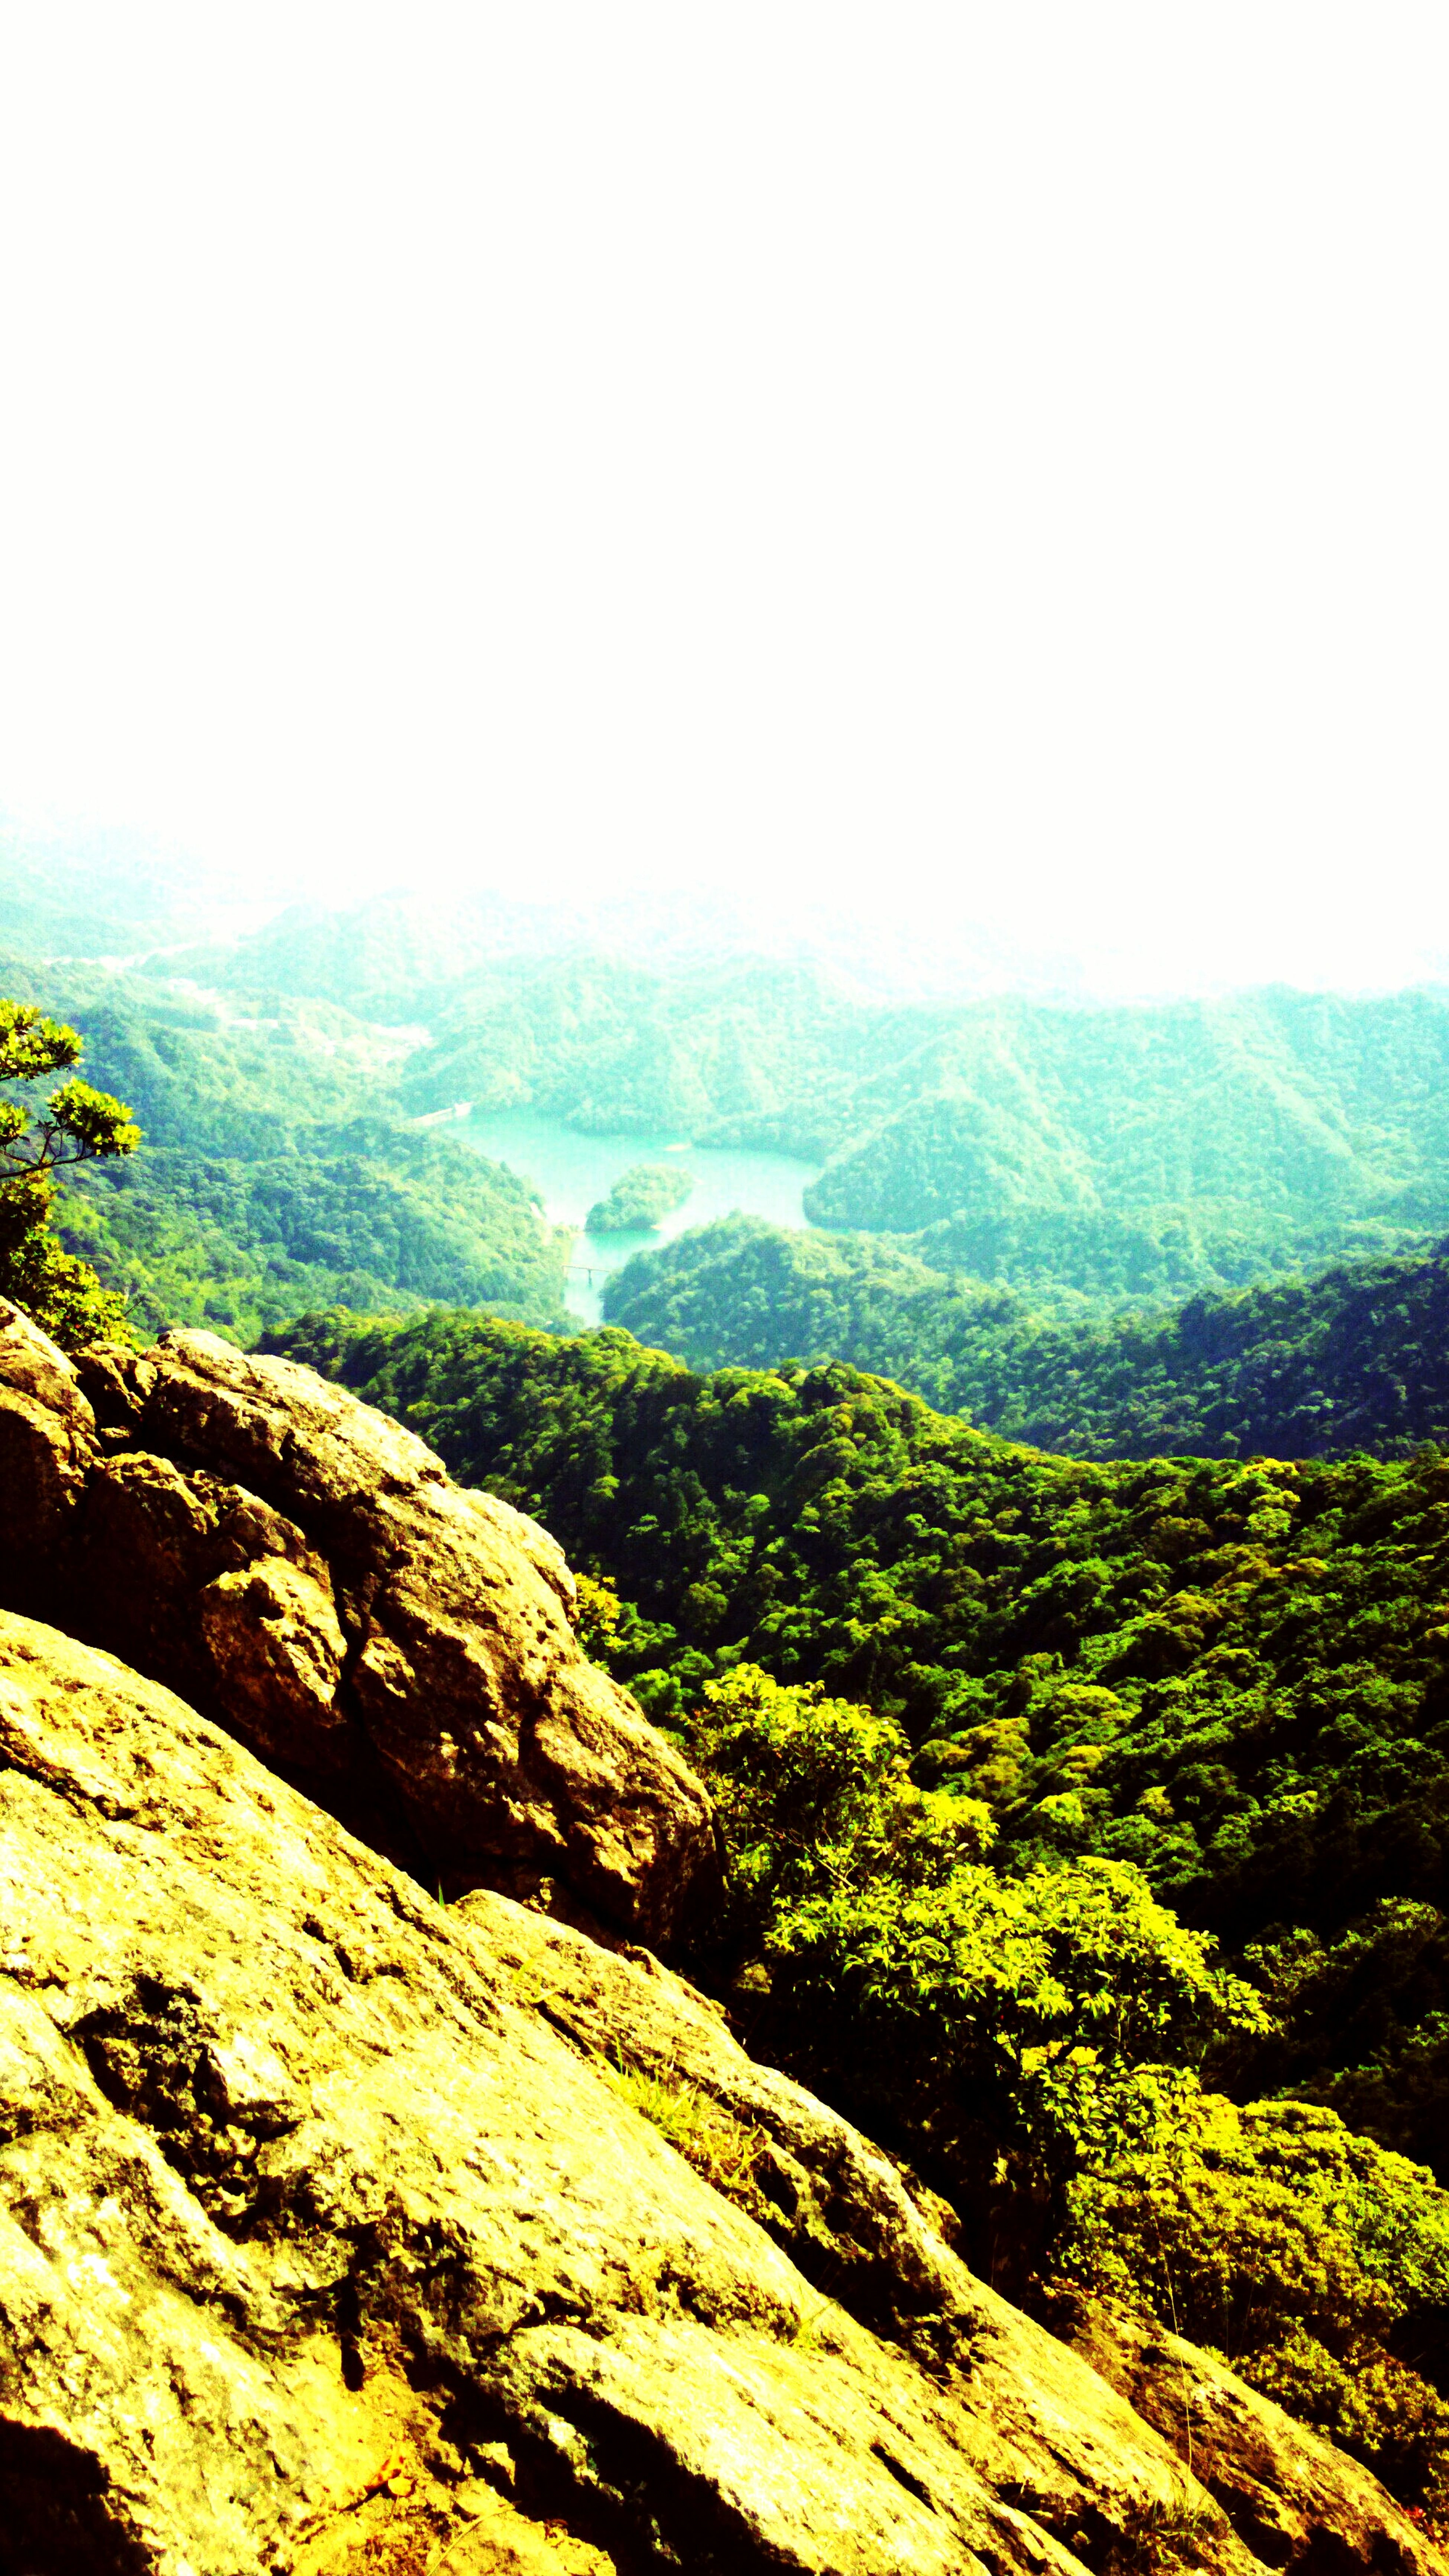 海に浮かぶしまのように見えてる黒髪山からの風景 First Eyeem Photo